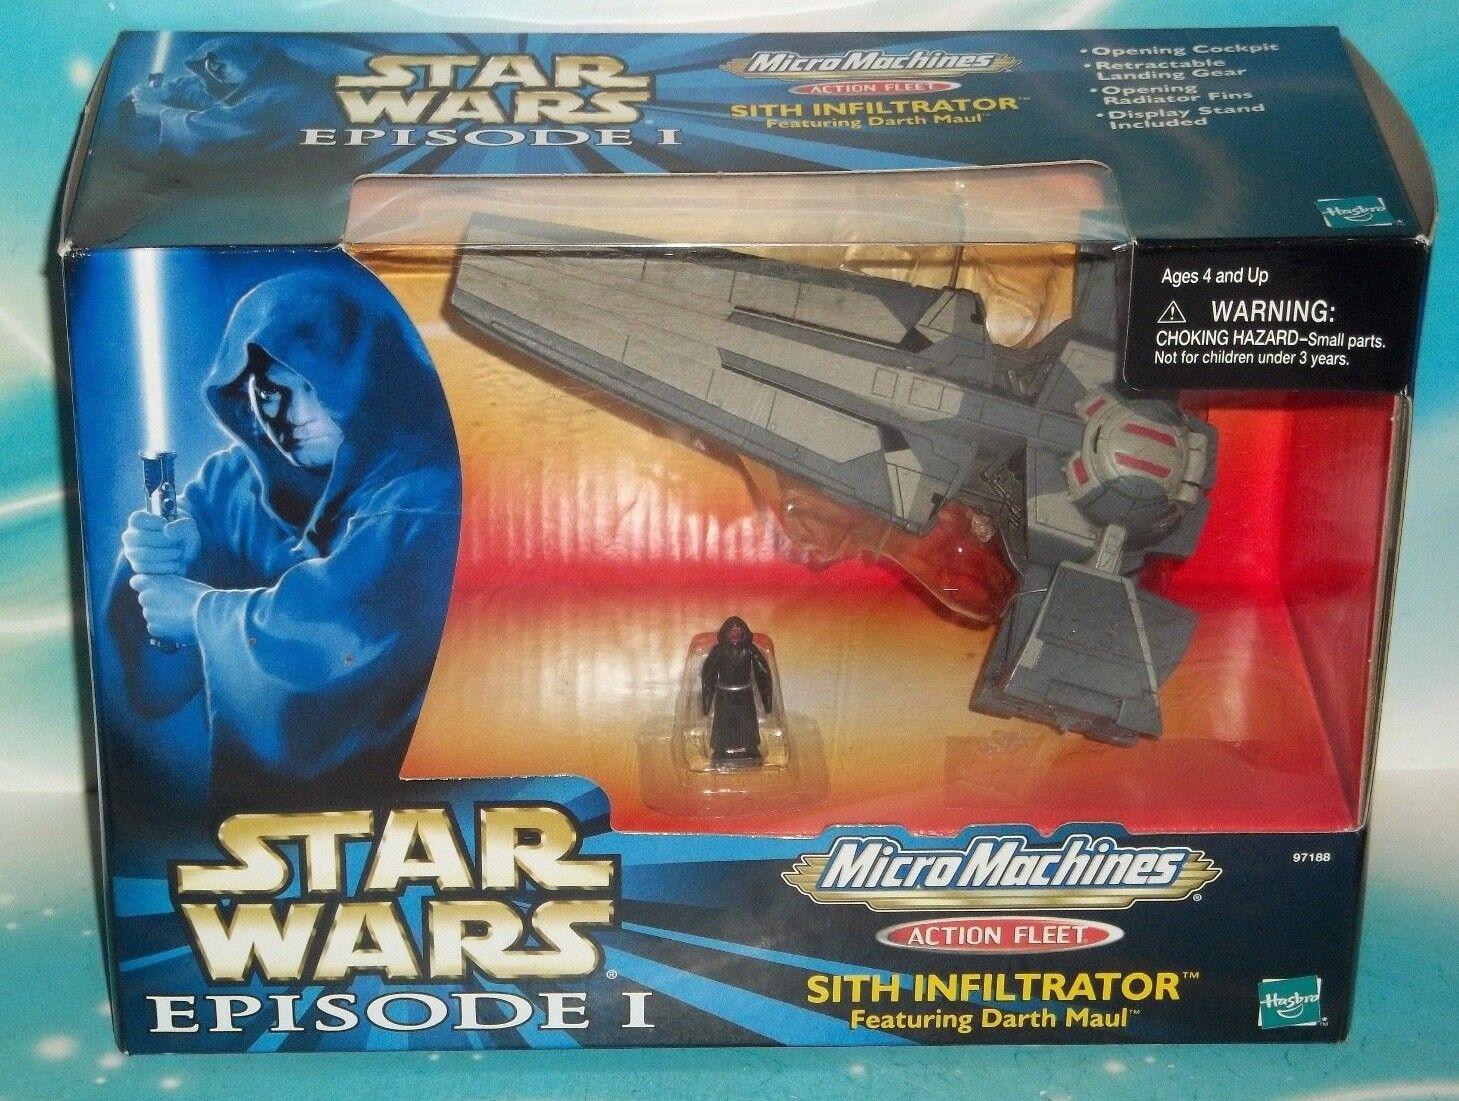 Flota de la amenaza fantasma de acción de la guerra de las Galaxias Darth Maul Sith Infiltrator episodio 1